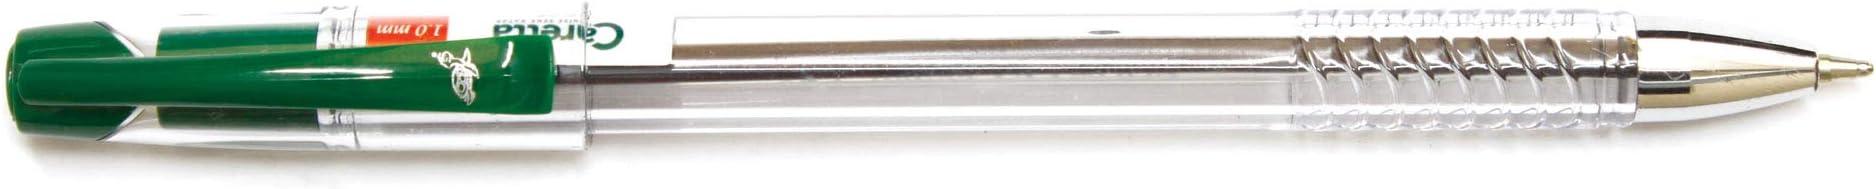 Caretta 95 Colour Liner Tükenmez Kalem, Koyu Yeşil, 1.00 Mm